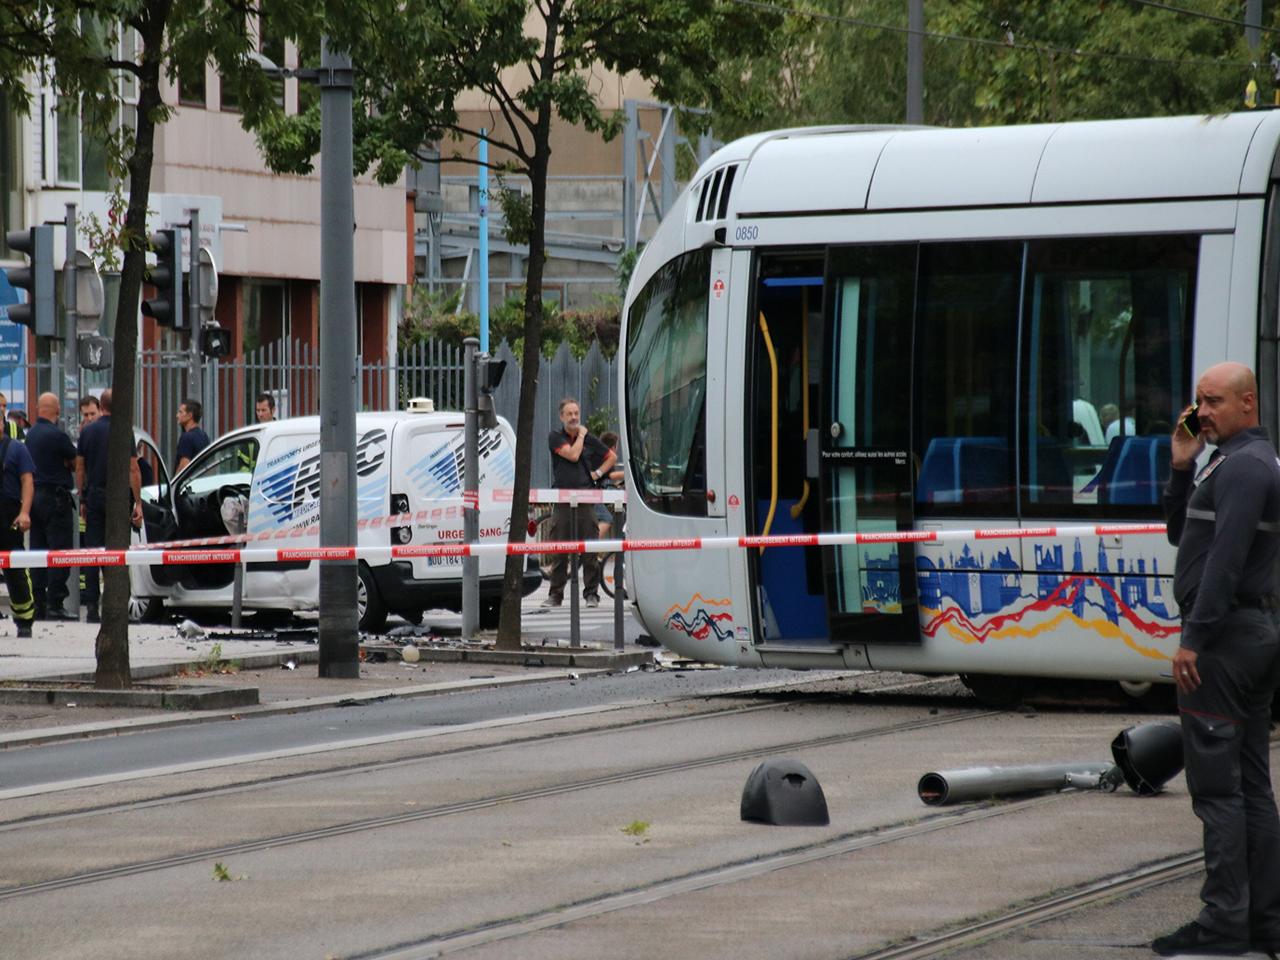 Le véhicule Urgence Sang qui serait à l'origine de l'accident - LyonMag